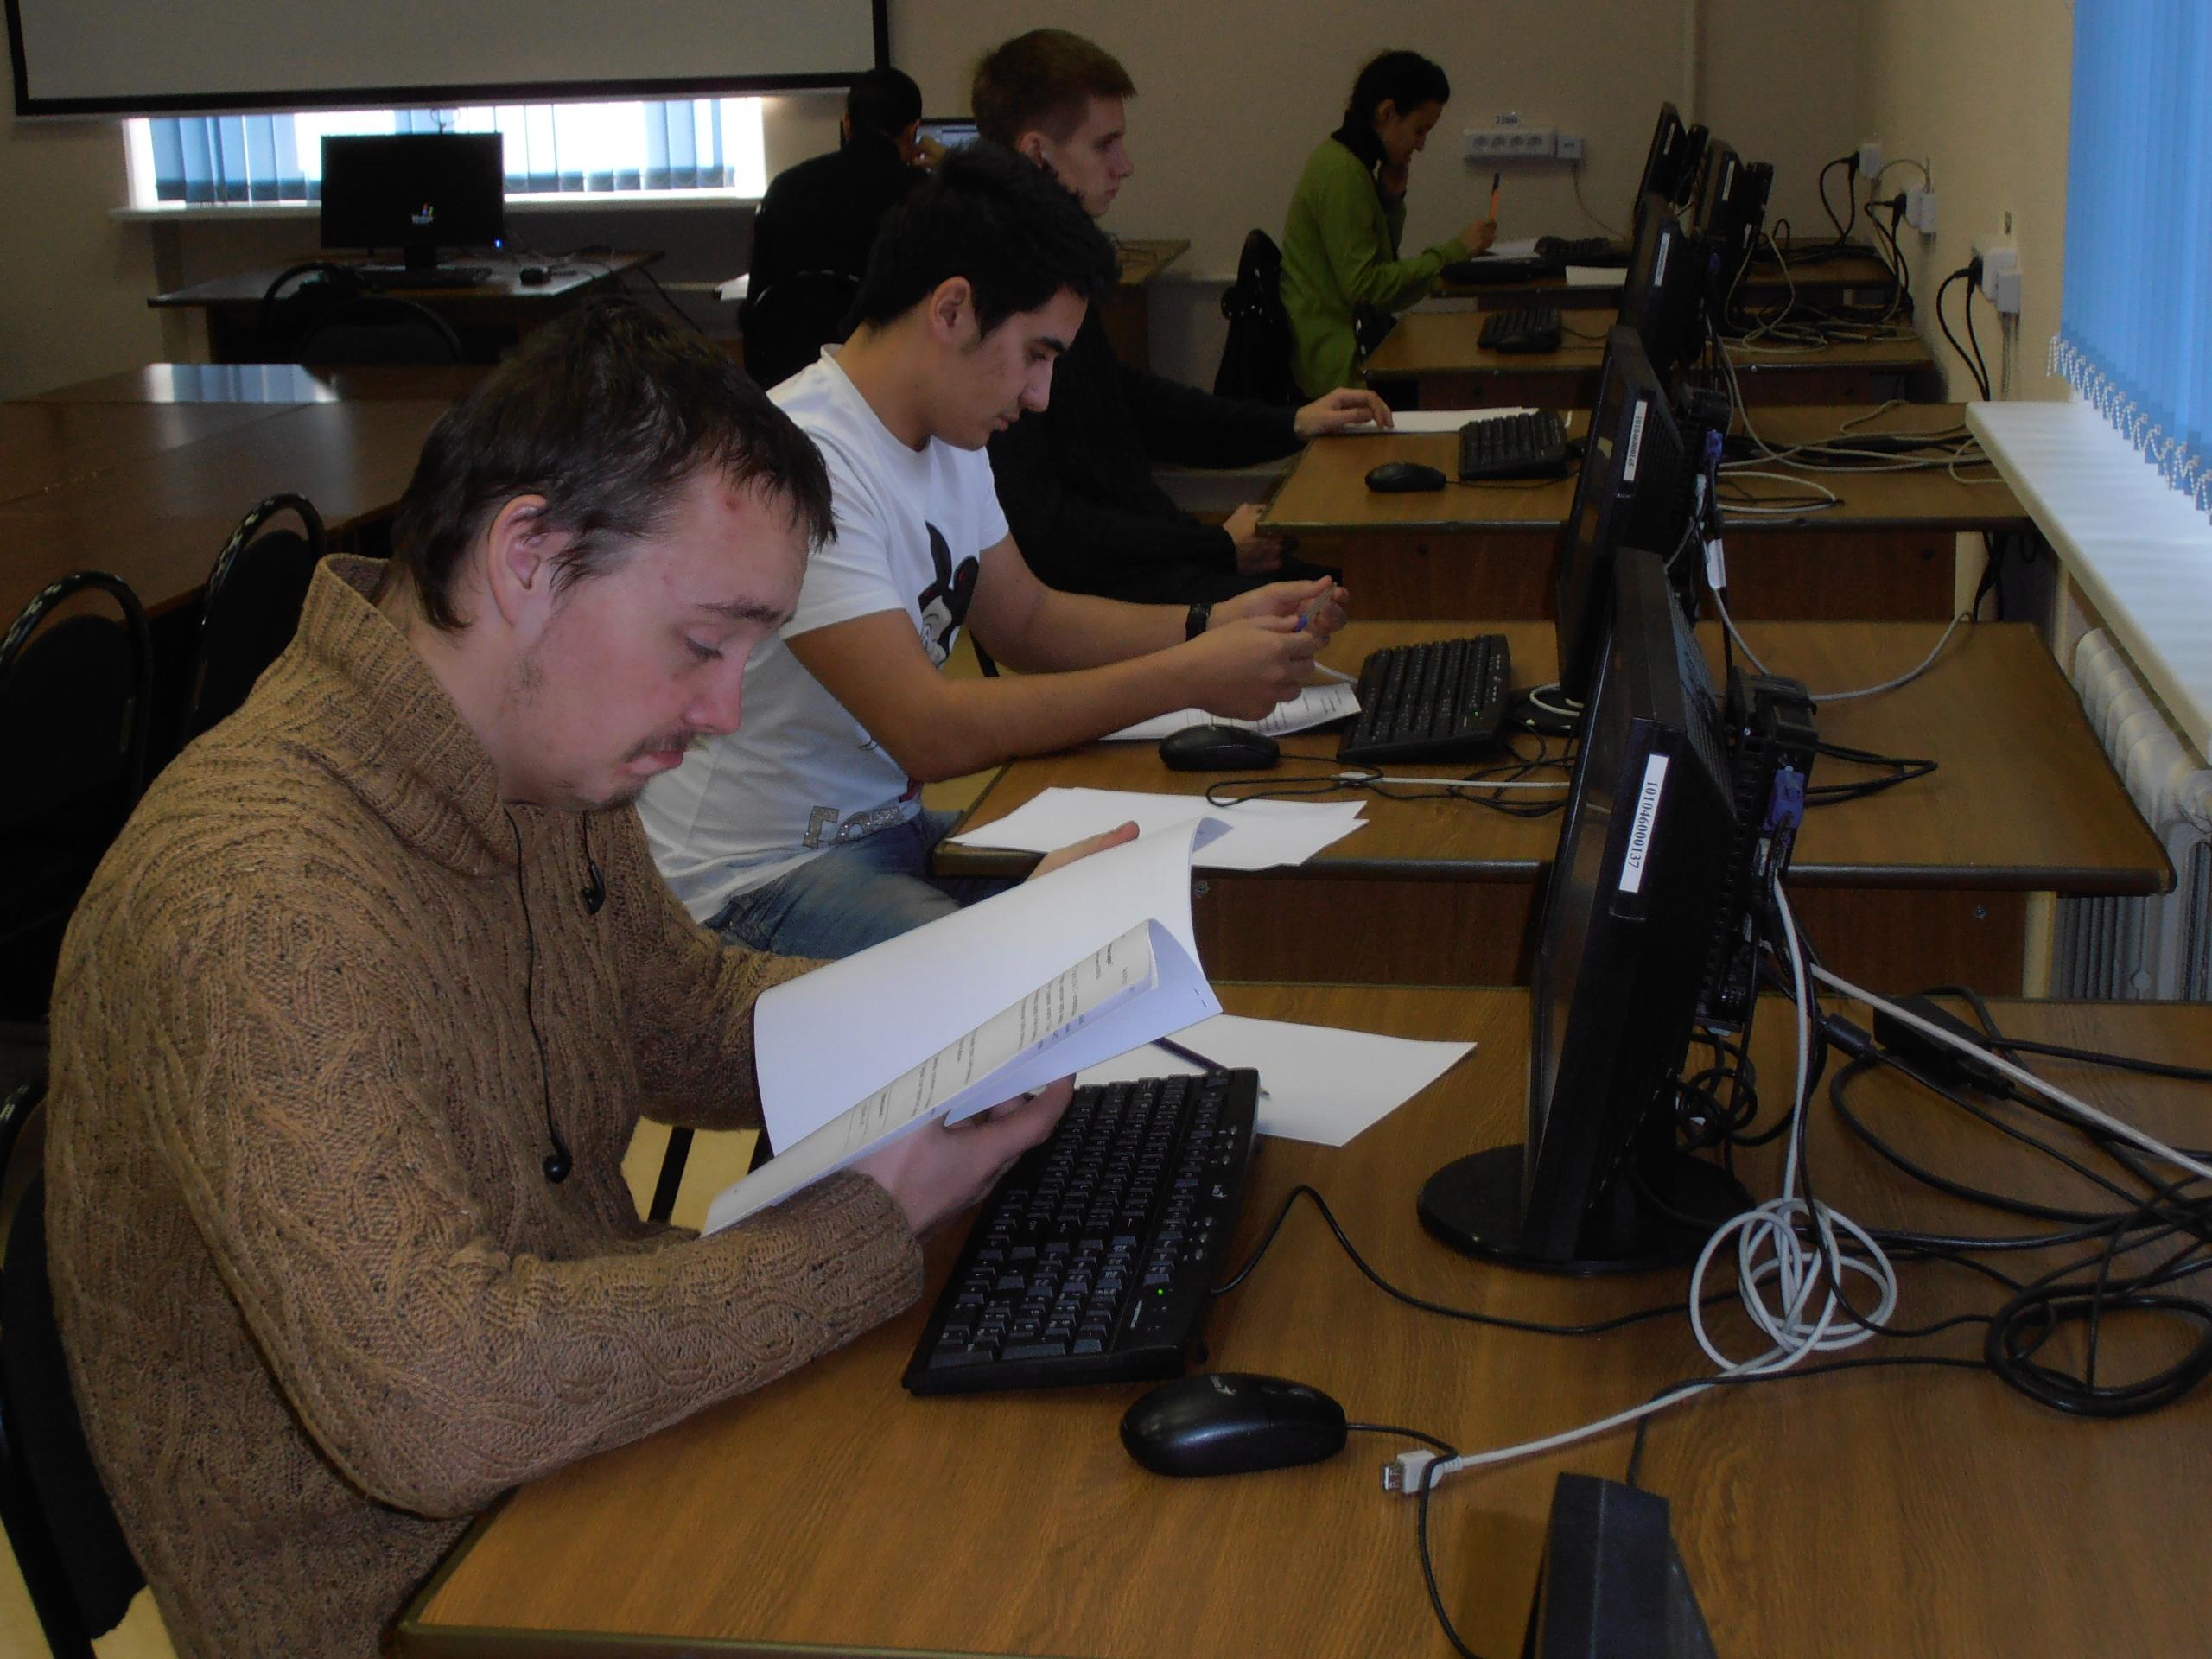 II Межвузовская олимпиада по информатике и информационным технологиям, #Кафедра ВТИК, #информатика, #информационные технологии, #УГНТУ, #USPTU